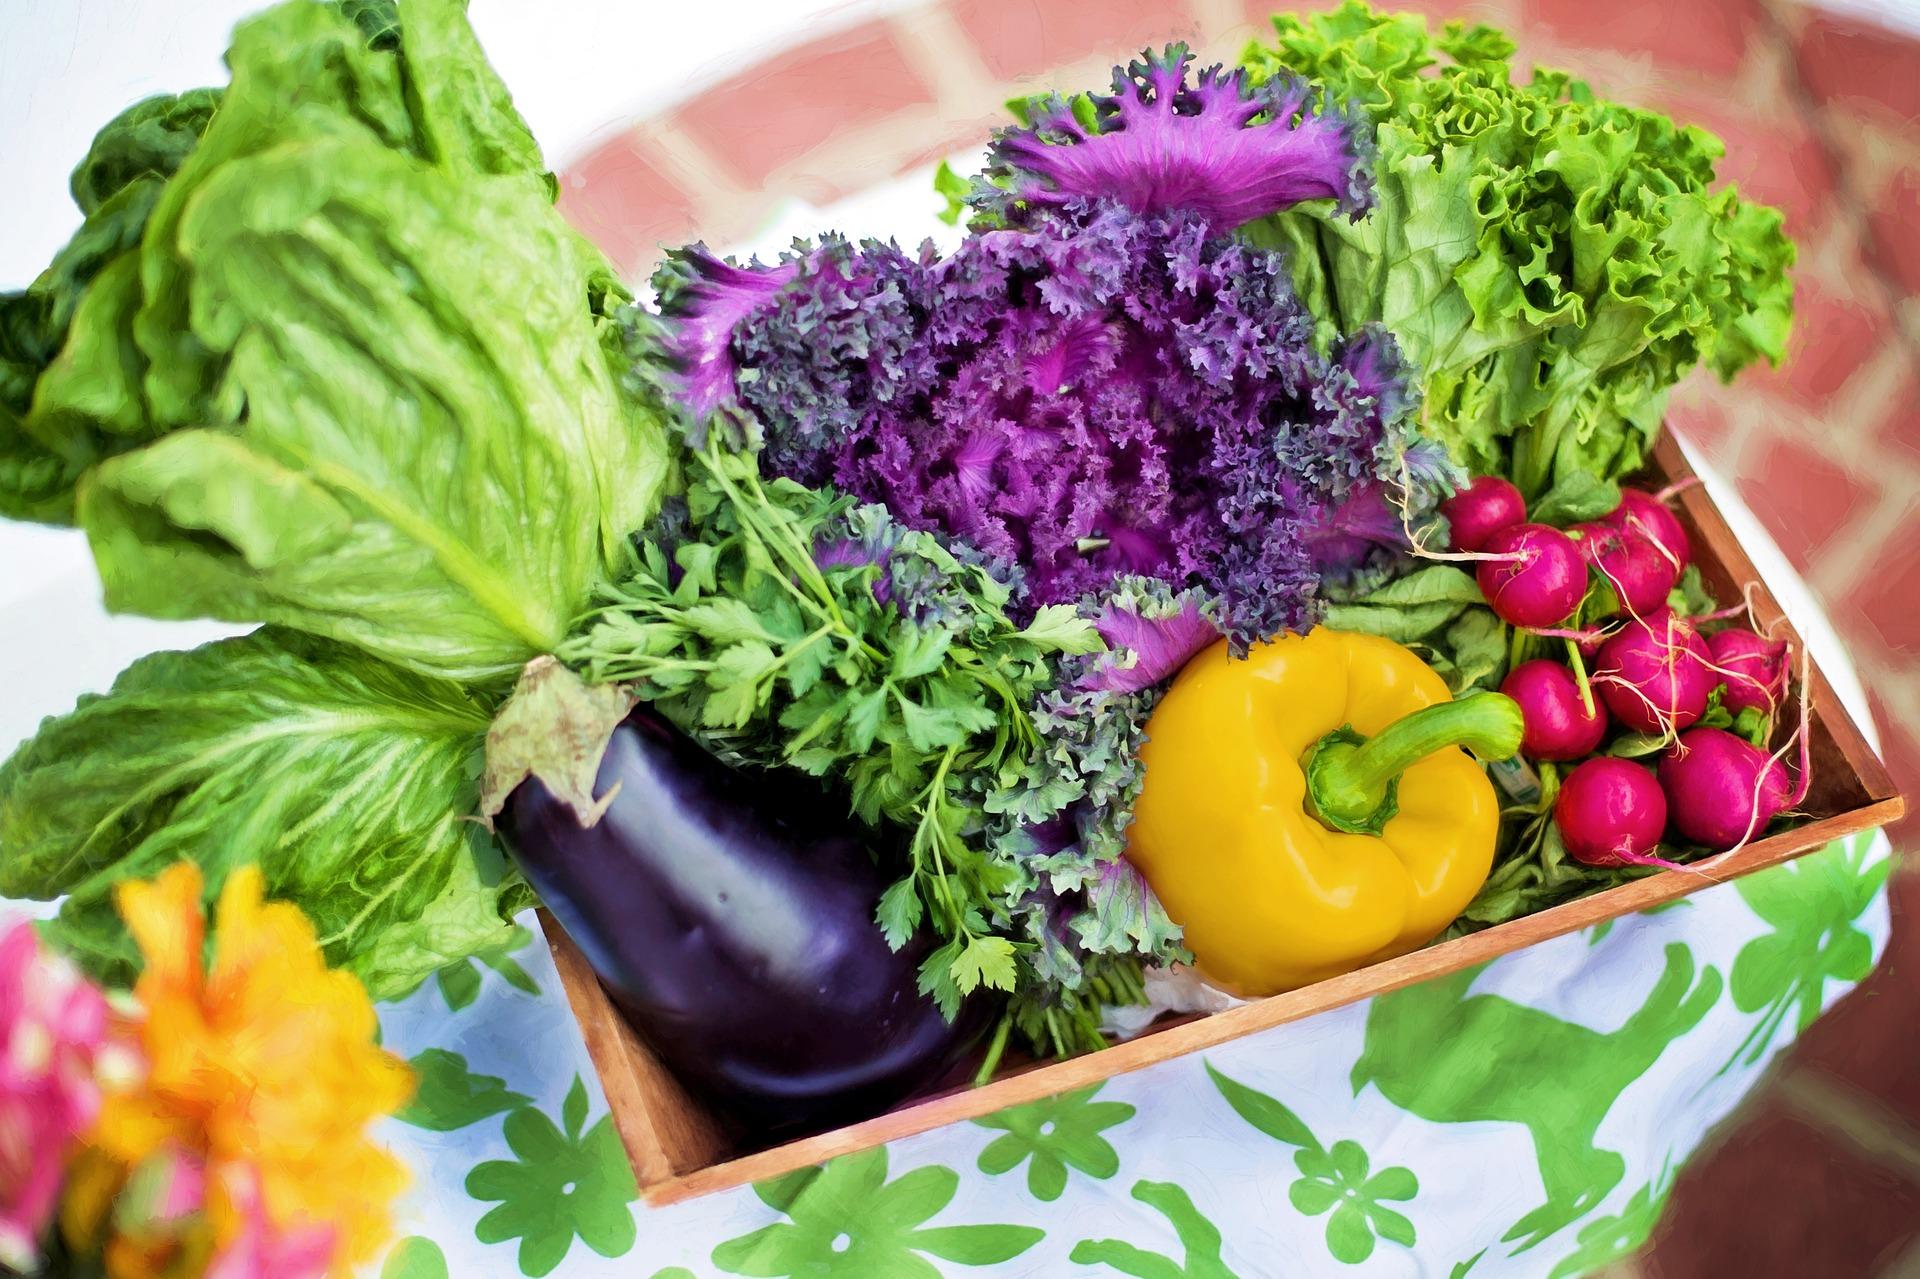 jardiner en famille - 7 trucs à lire!